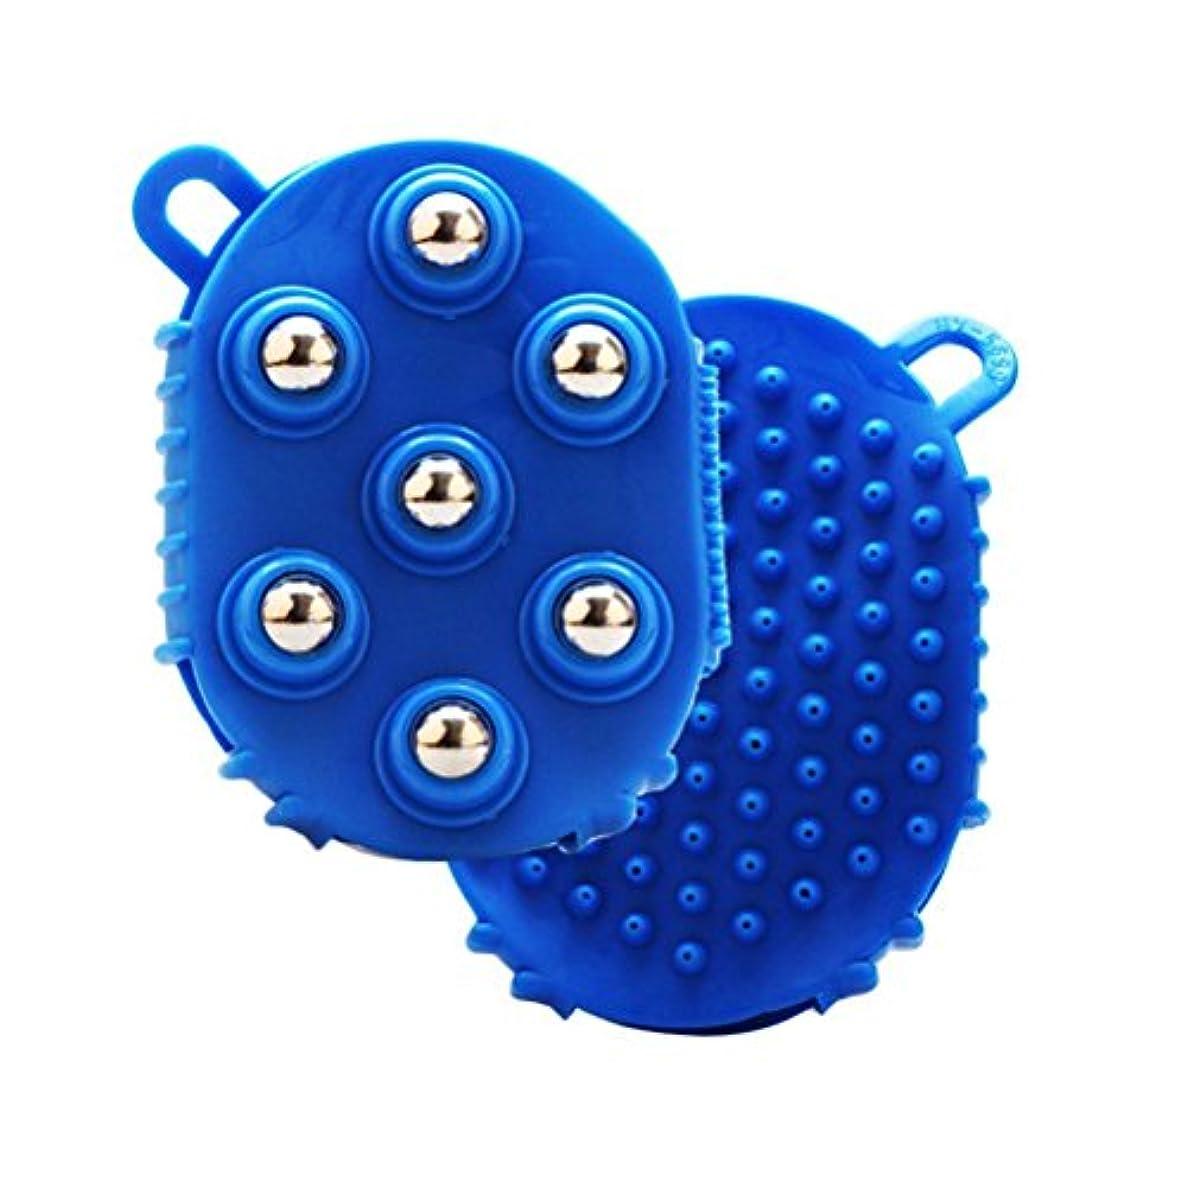 悲劇地元ツーリストROSENICE マッサージブラシ7痛みの筋肉の痛みを軽減するための金属ローラーボールボディマッサージャー(ブルー)